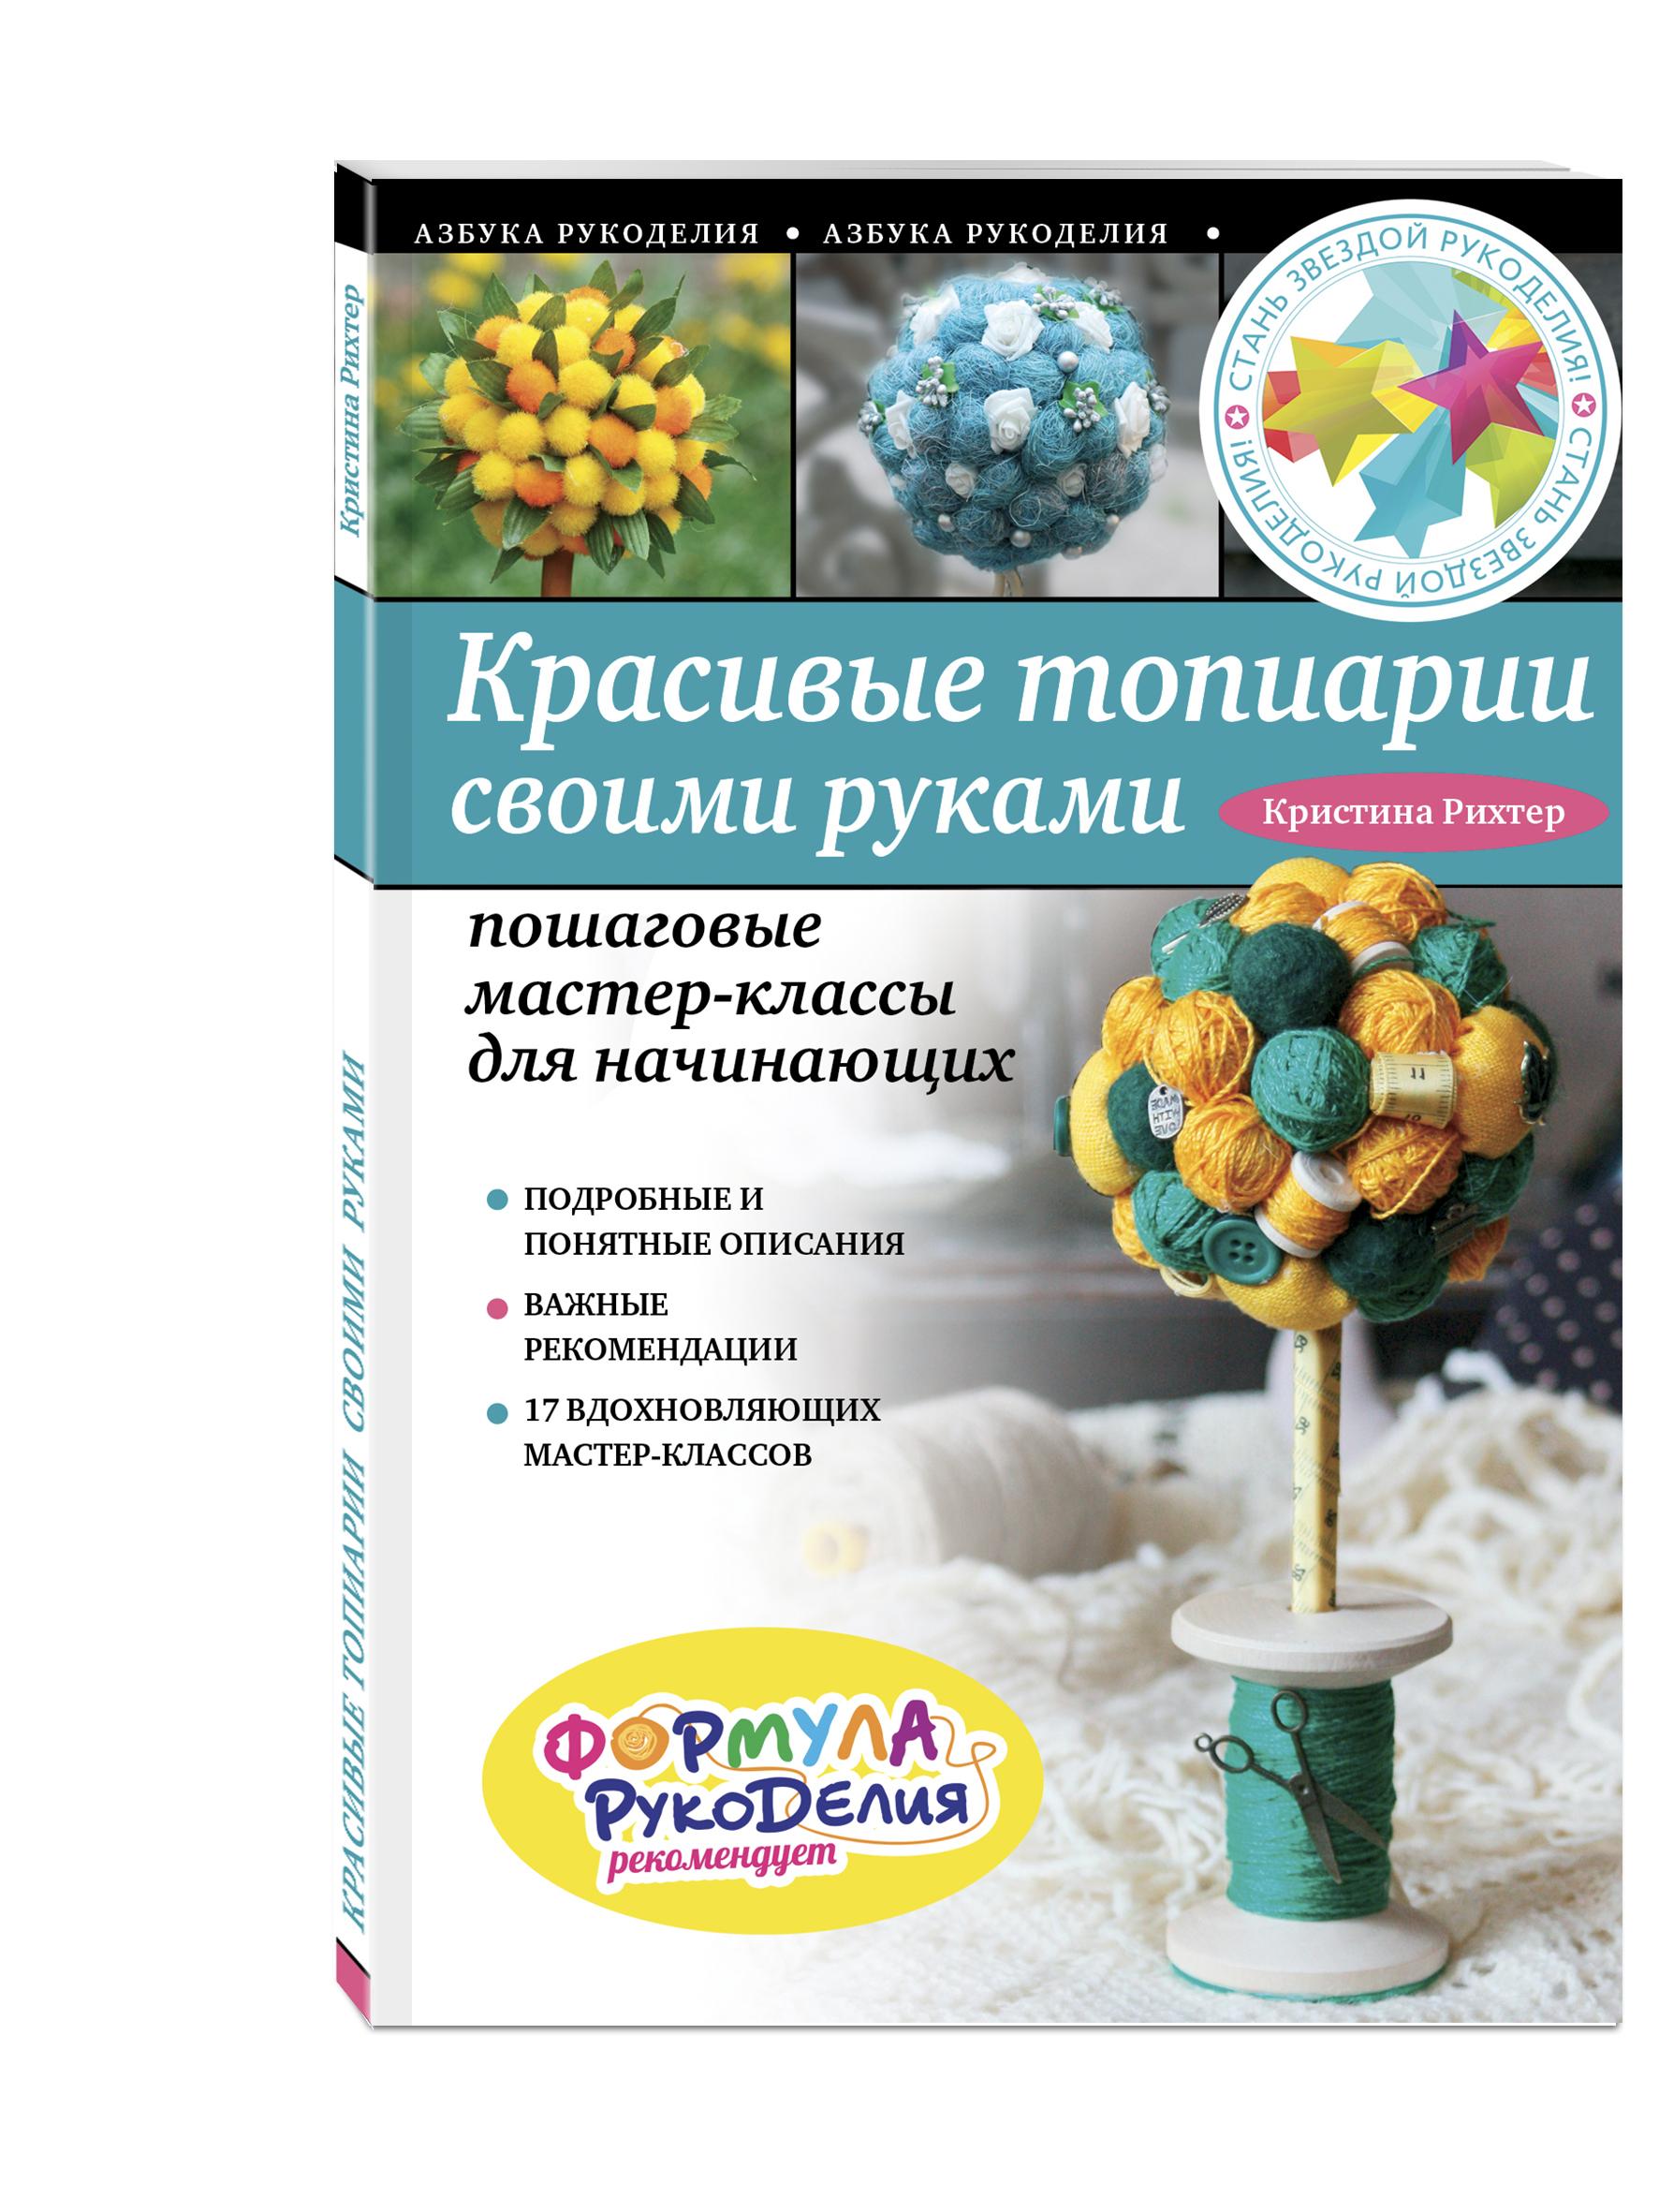 Купить магия сетевого бизнеса мастер класс для начинающих в интернет-магазине - Marstor.ru